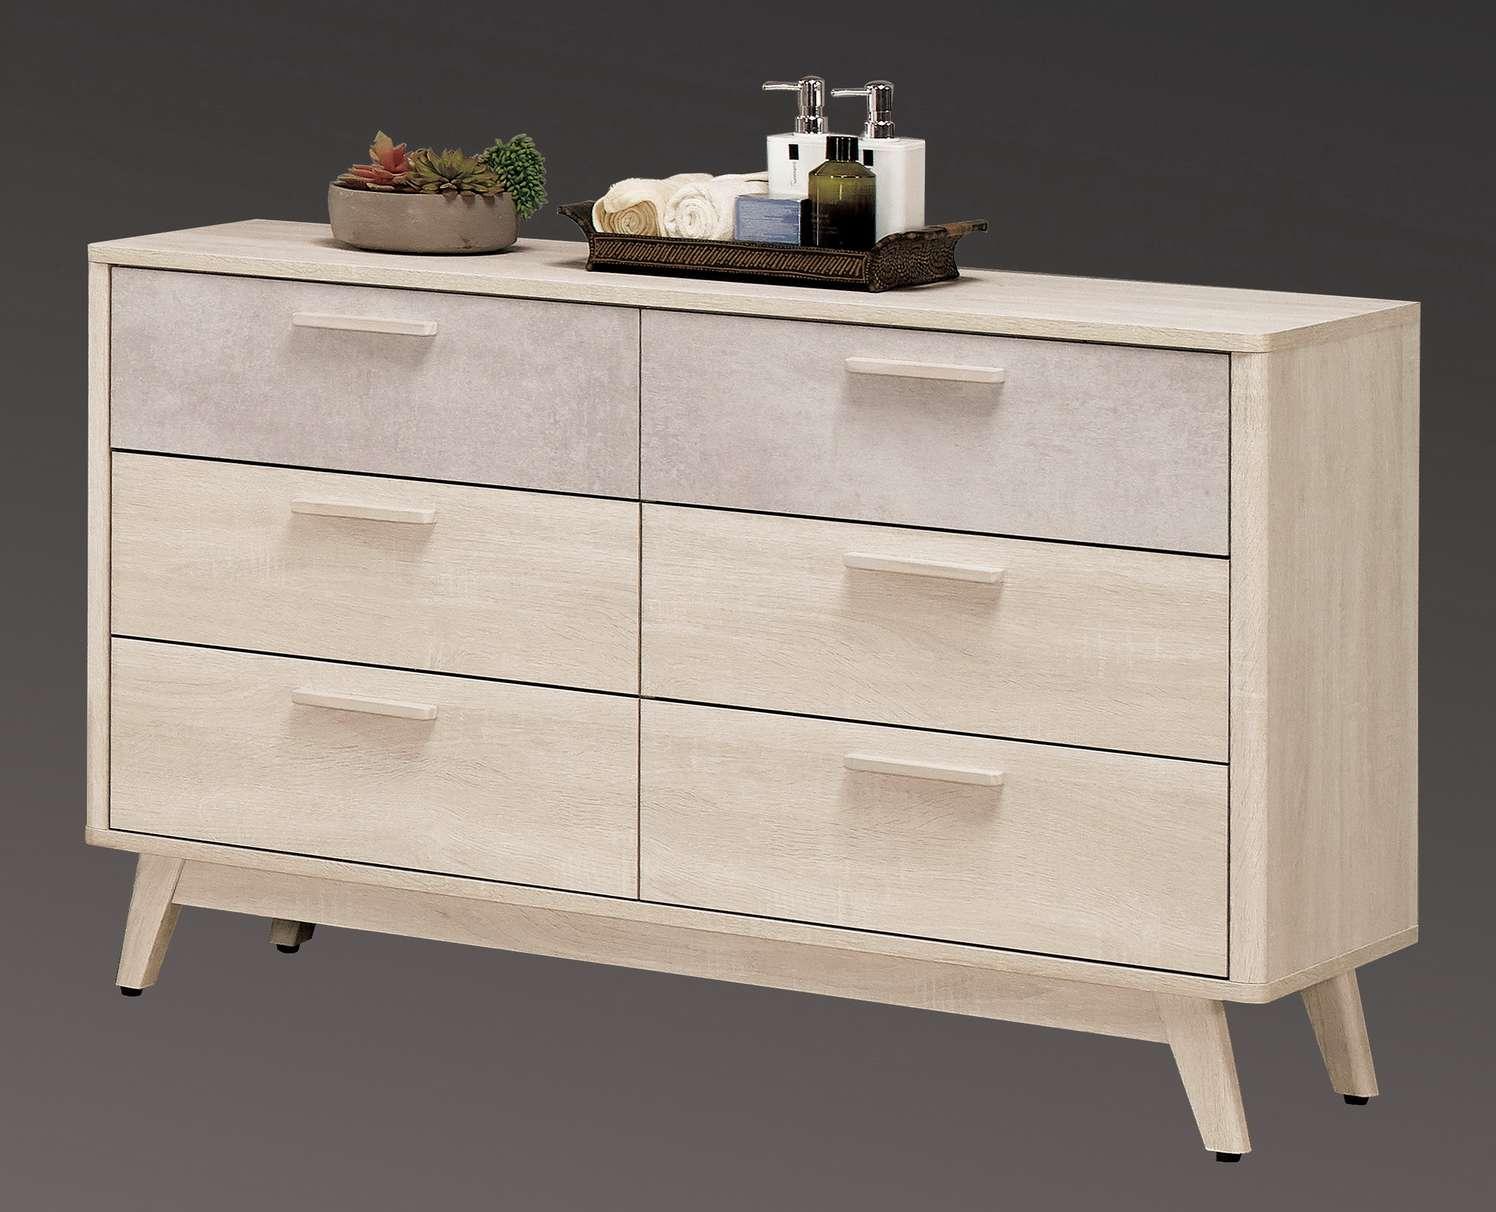 【簡單家具】,G021-5 漢斯4尺六斗櫃,大台北都會區免運費